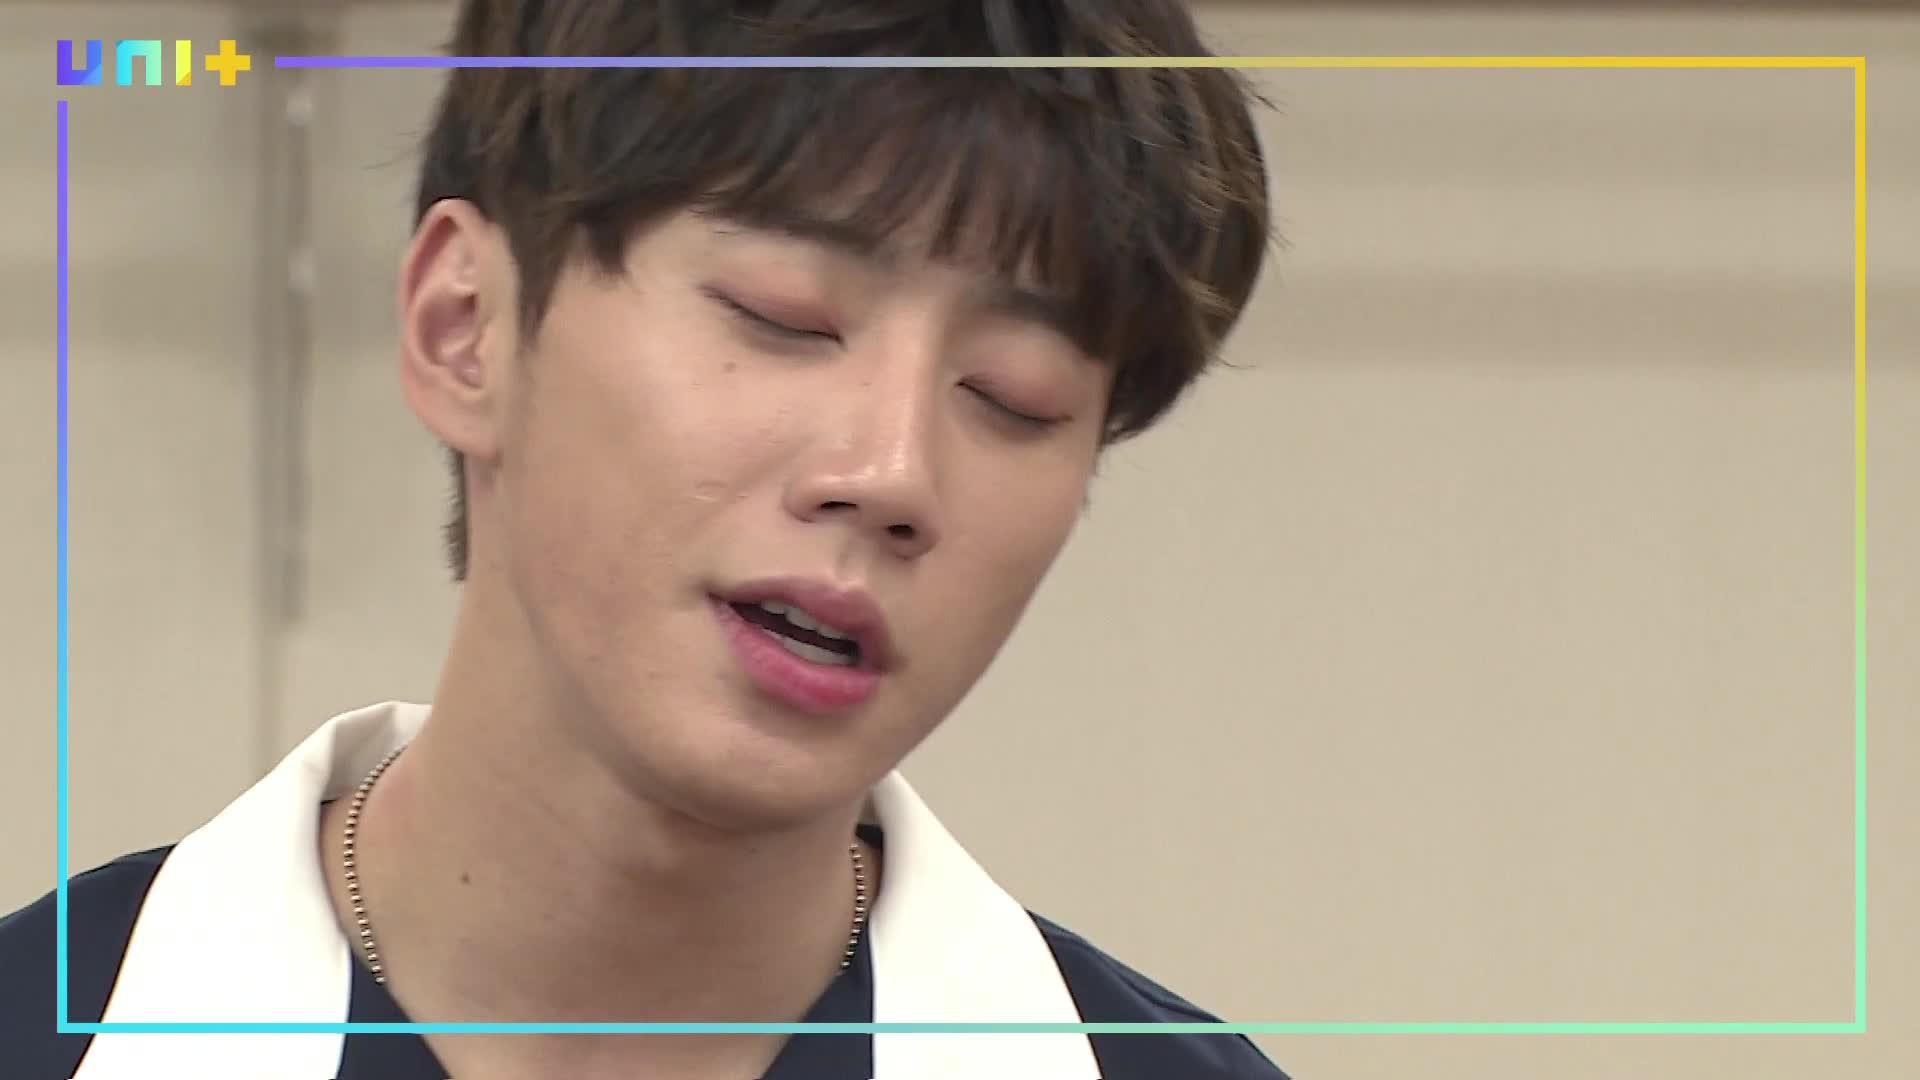 [더 유닛] 슈퍼부트 - 유키스 준 (사전미팅 비하인드)